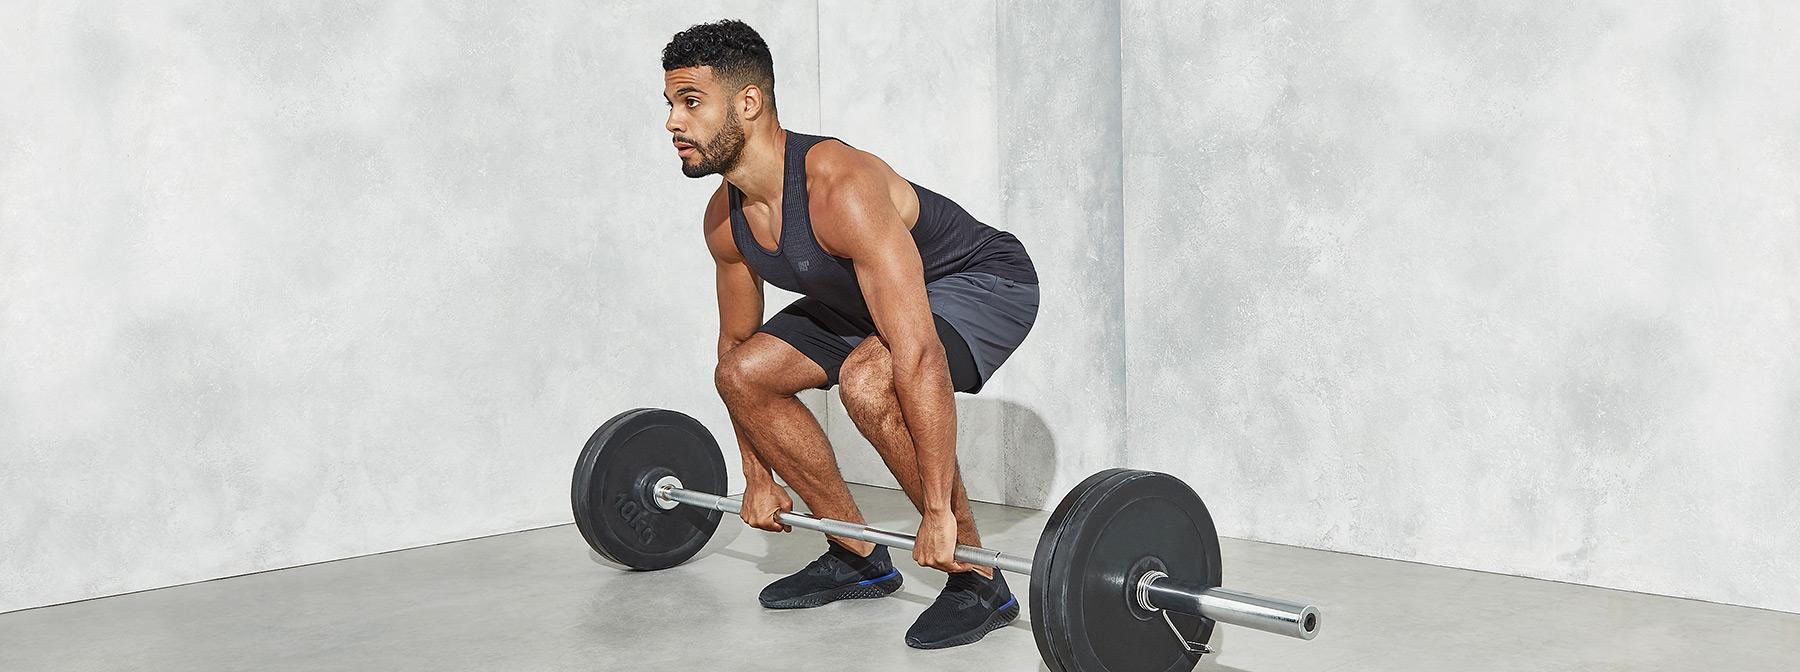 Entrenamiento de espalda | Peso Muerto y Rutina Completa